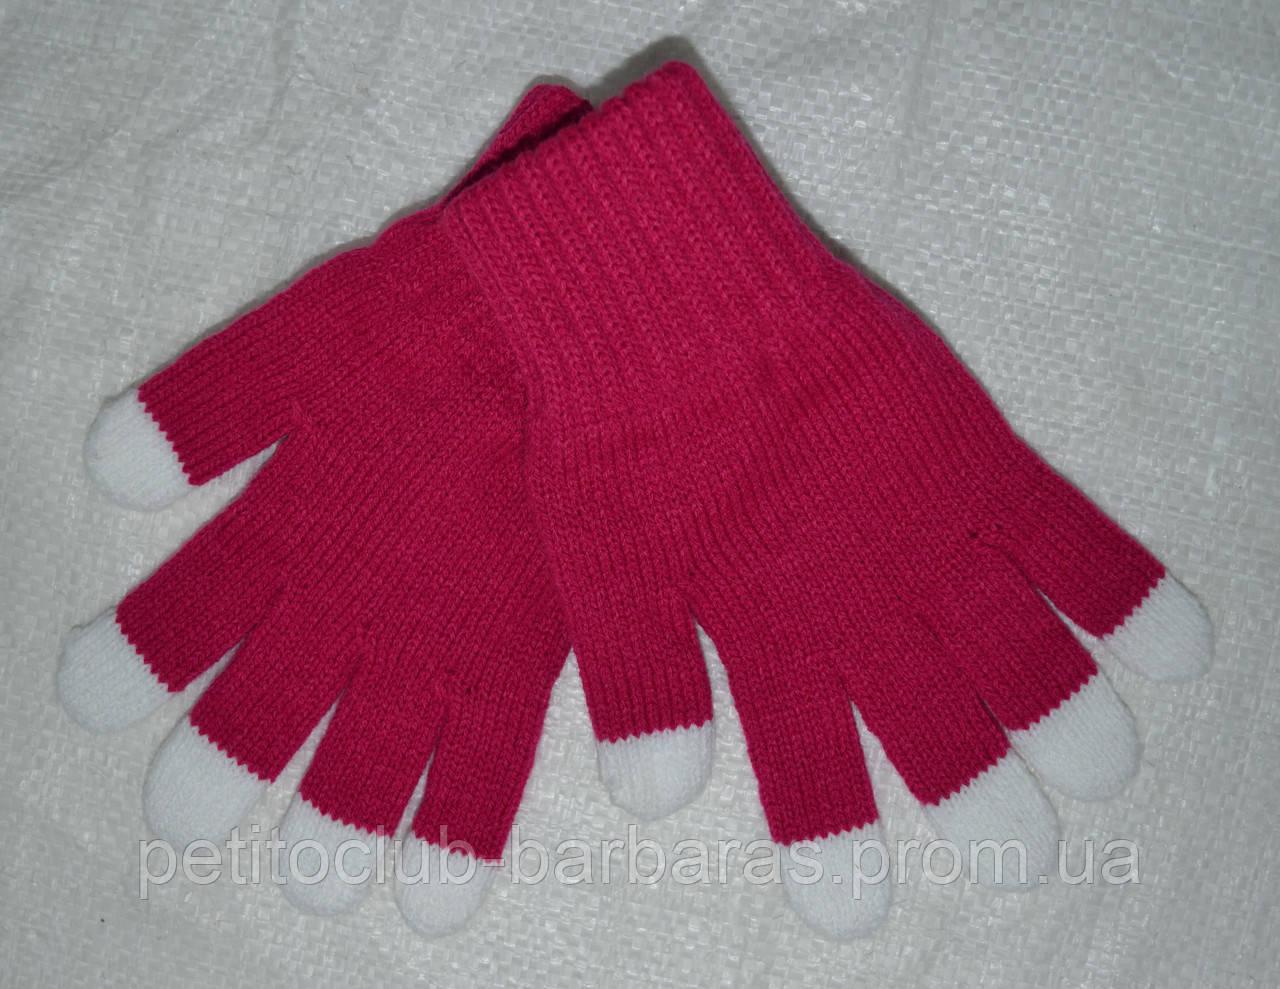 Перчатки для девочки Darkness темно-розовые (MargotBis, Польша)